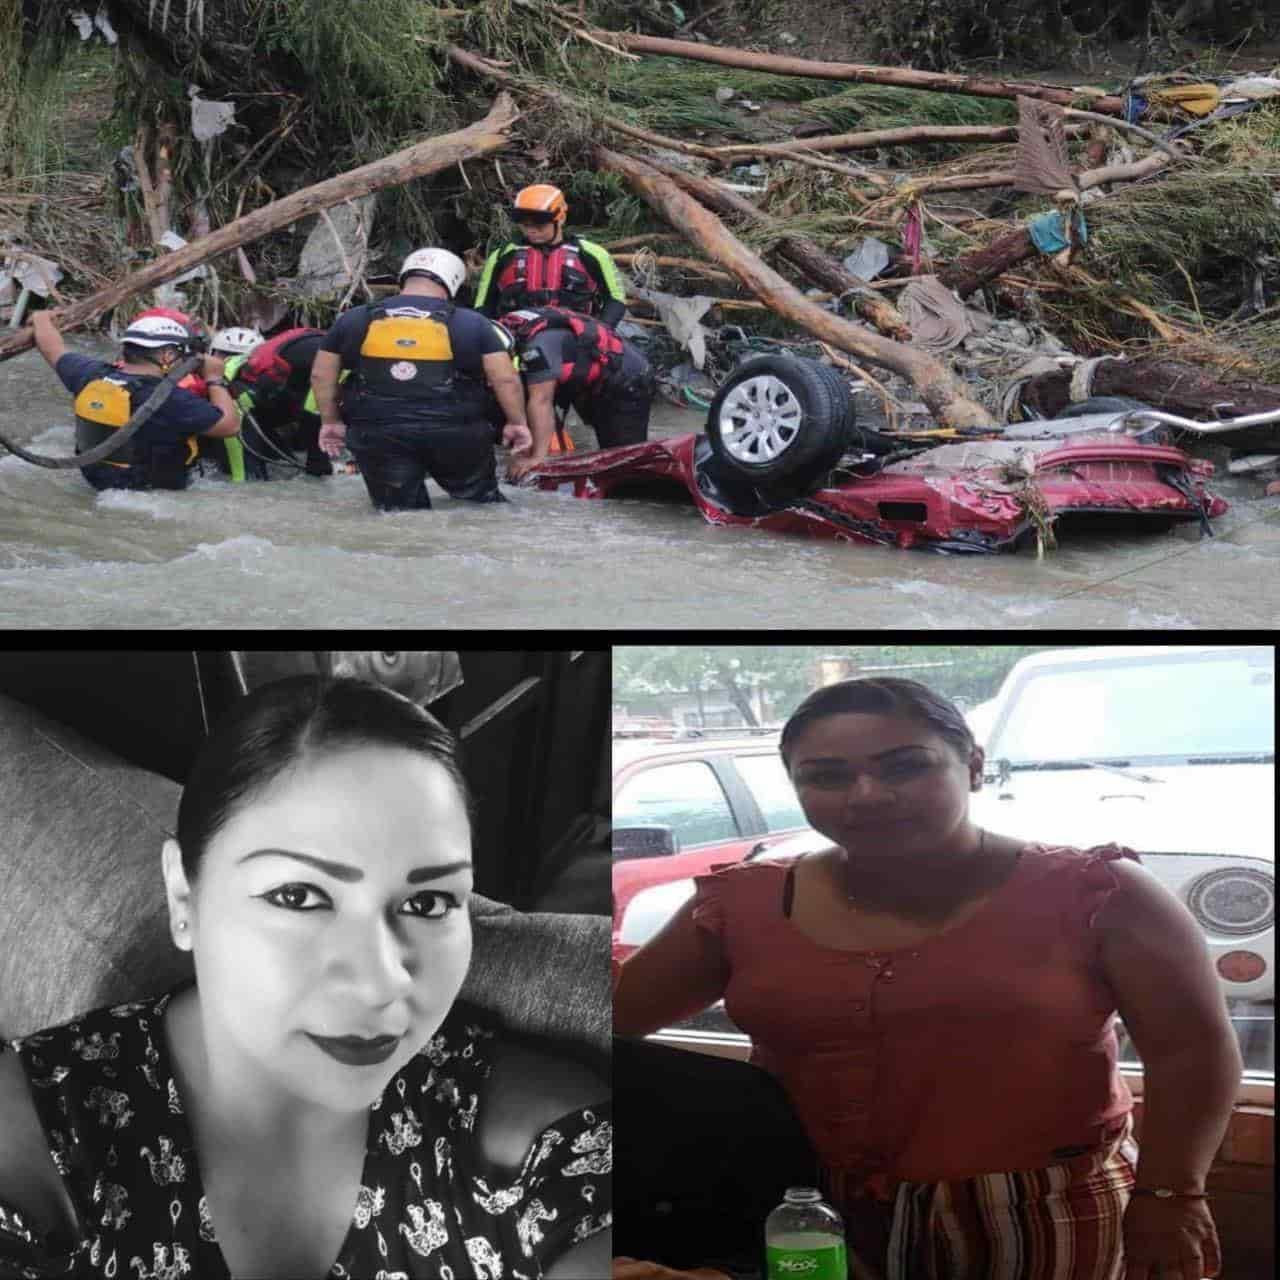 Después que fuera encontrada parte de su ropa, los rescatistas intensificaron la búsqueda de la taxista Tania Michelle